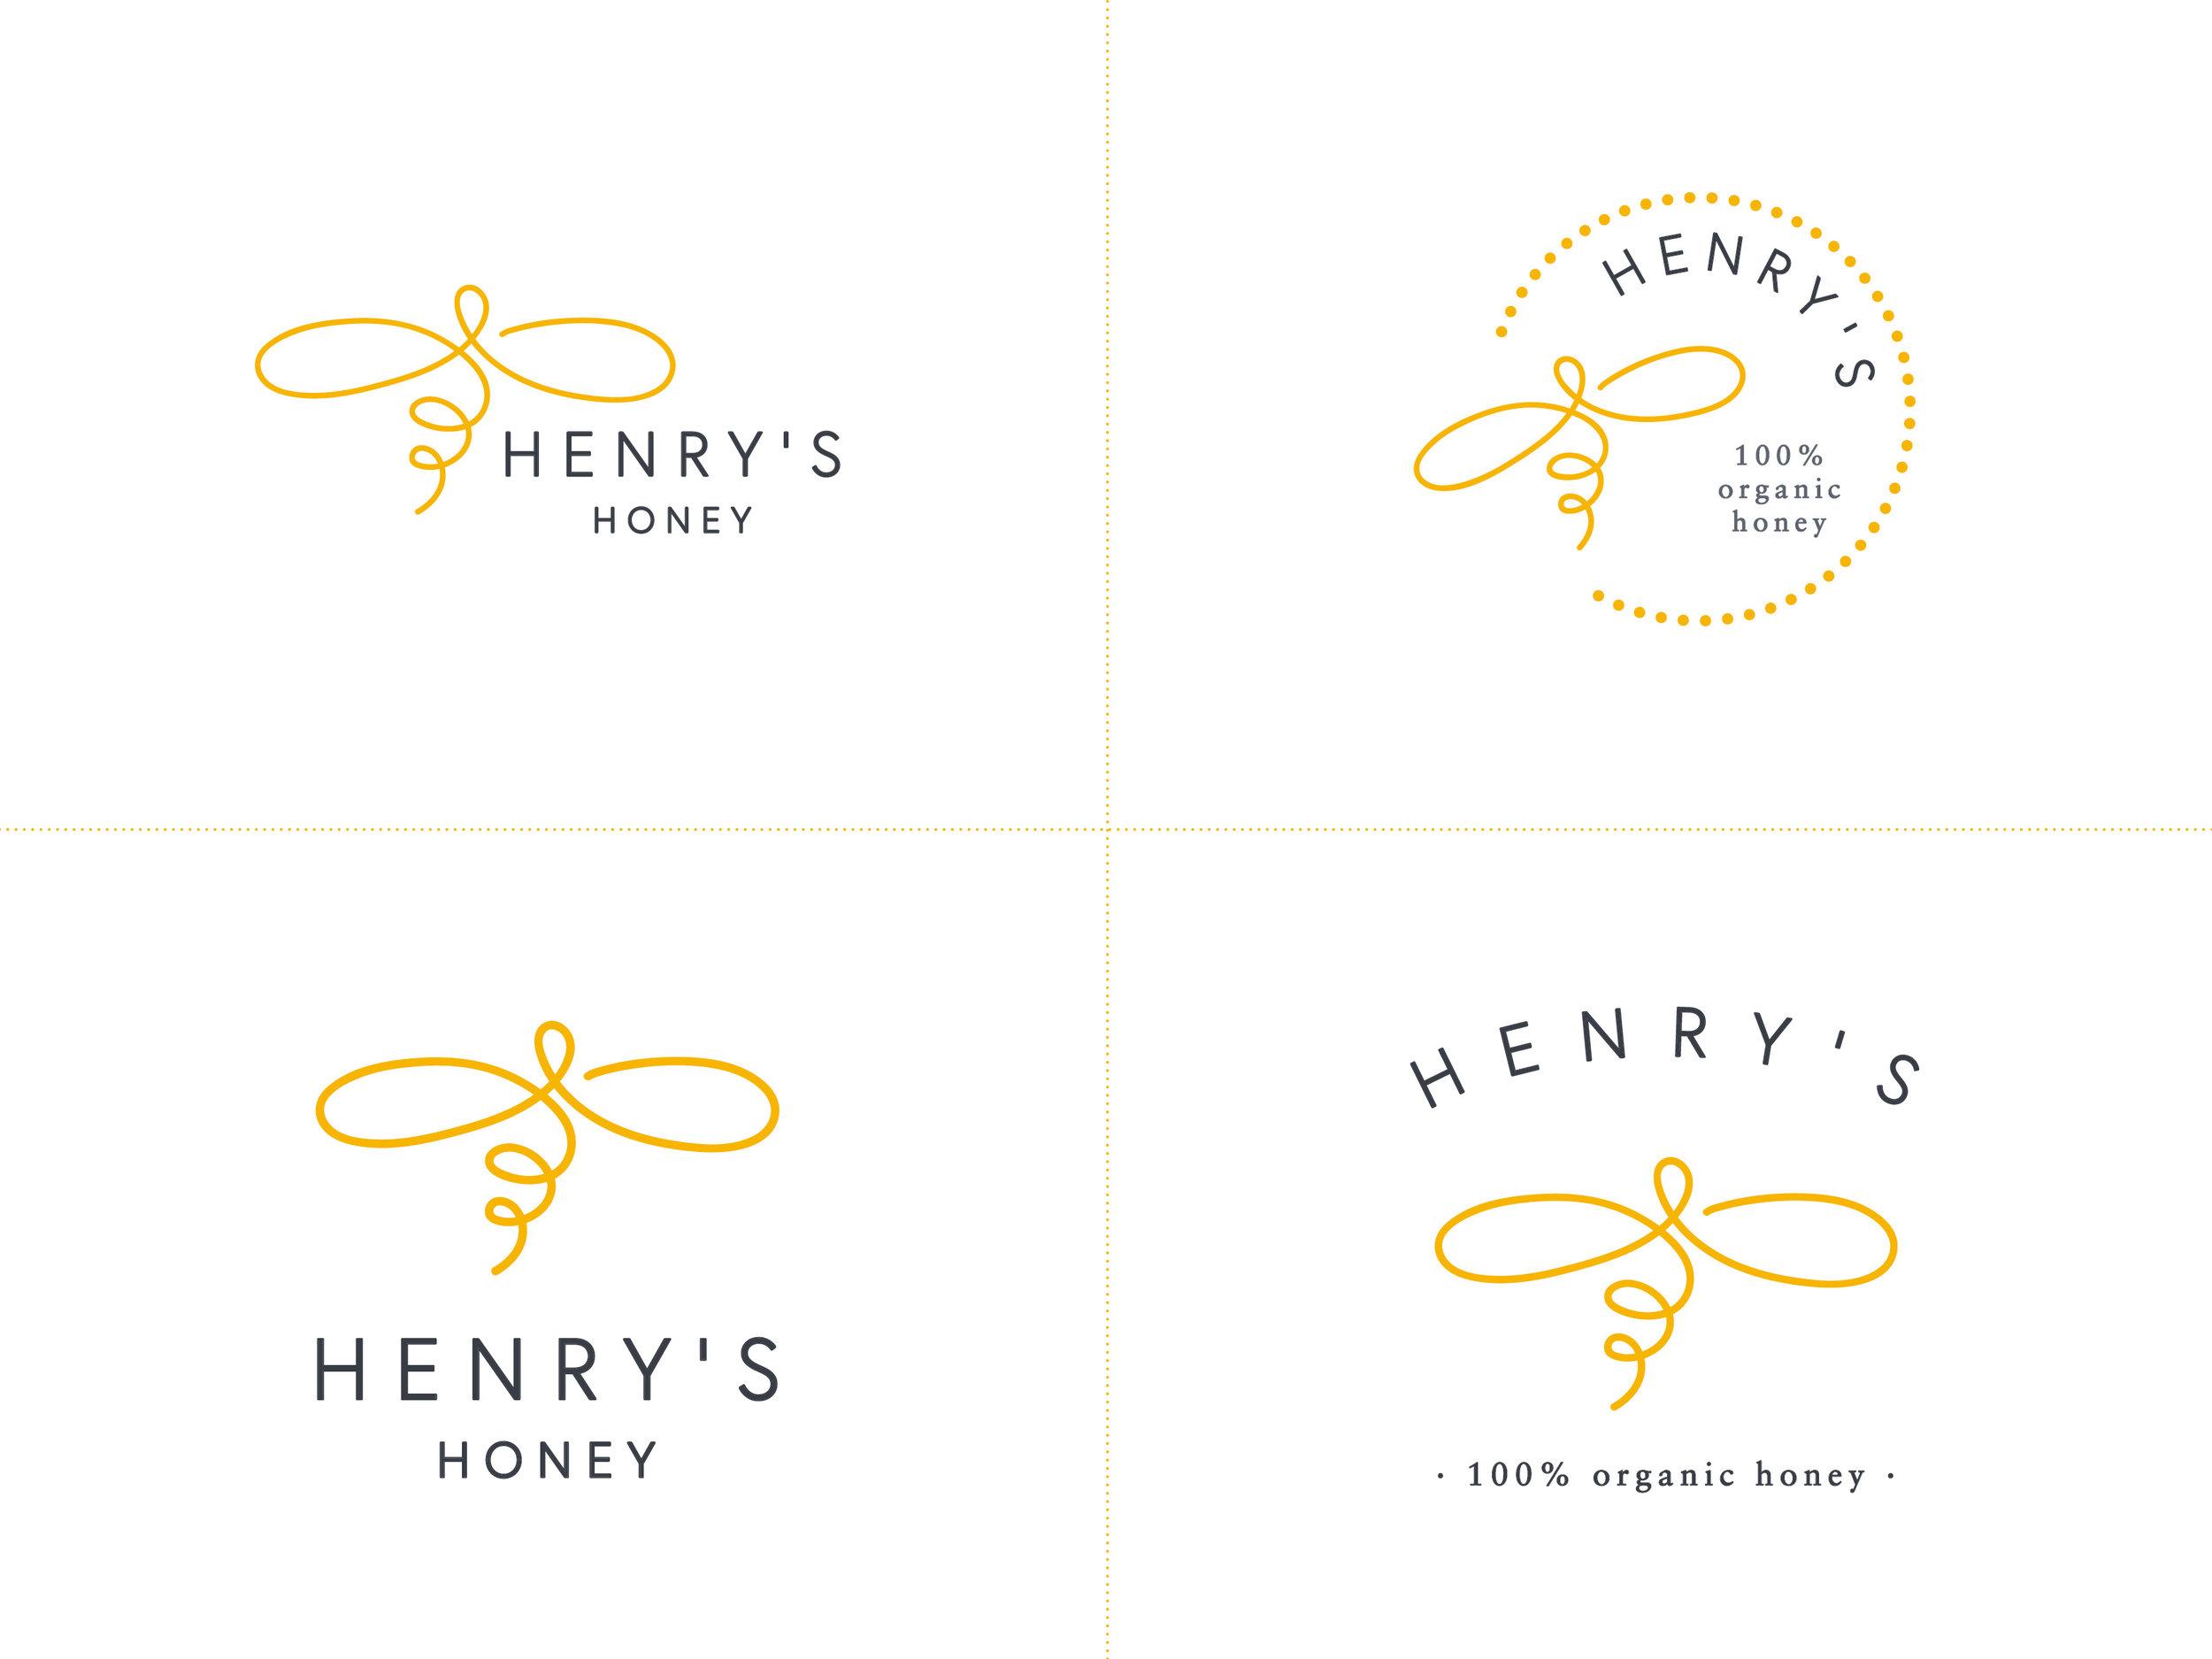 logos ALL5.jpg